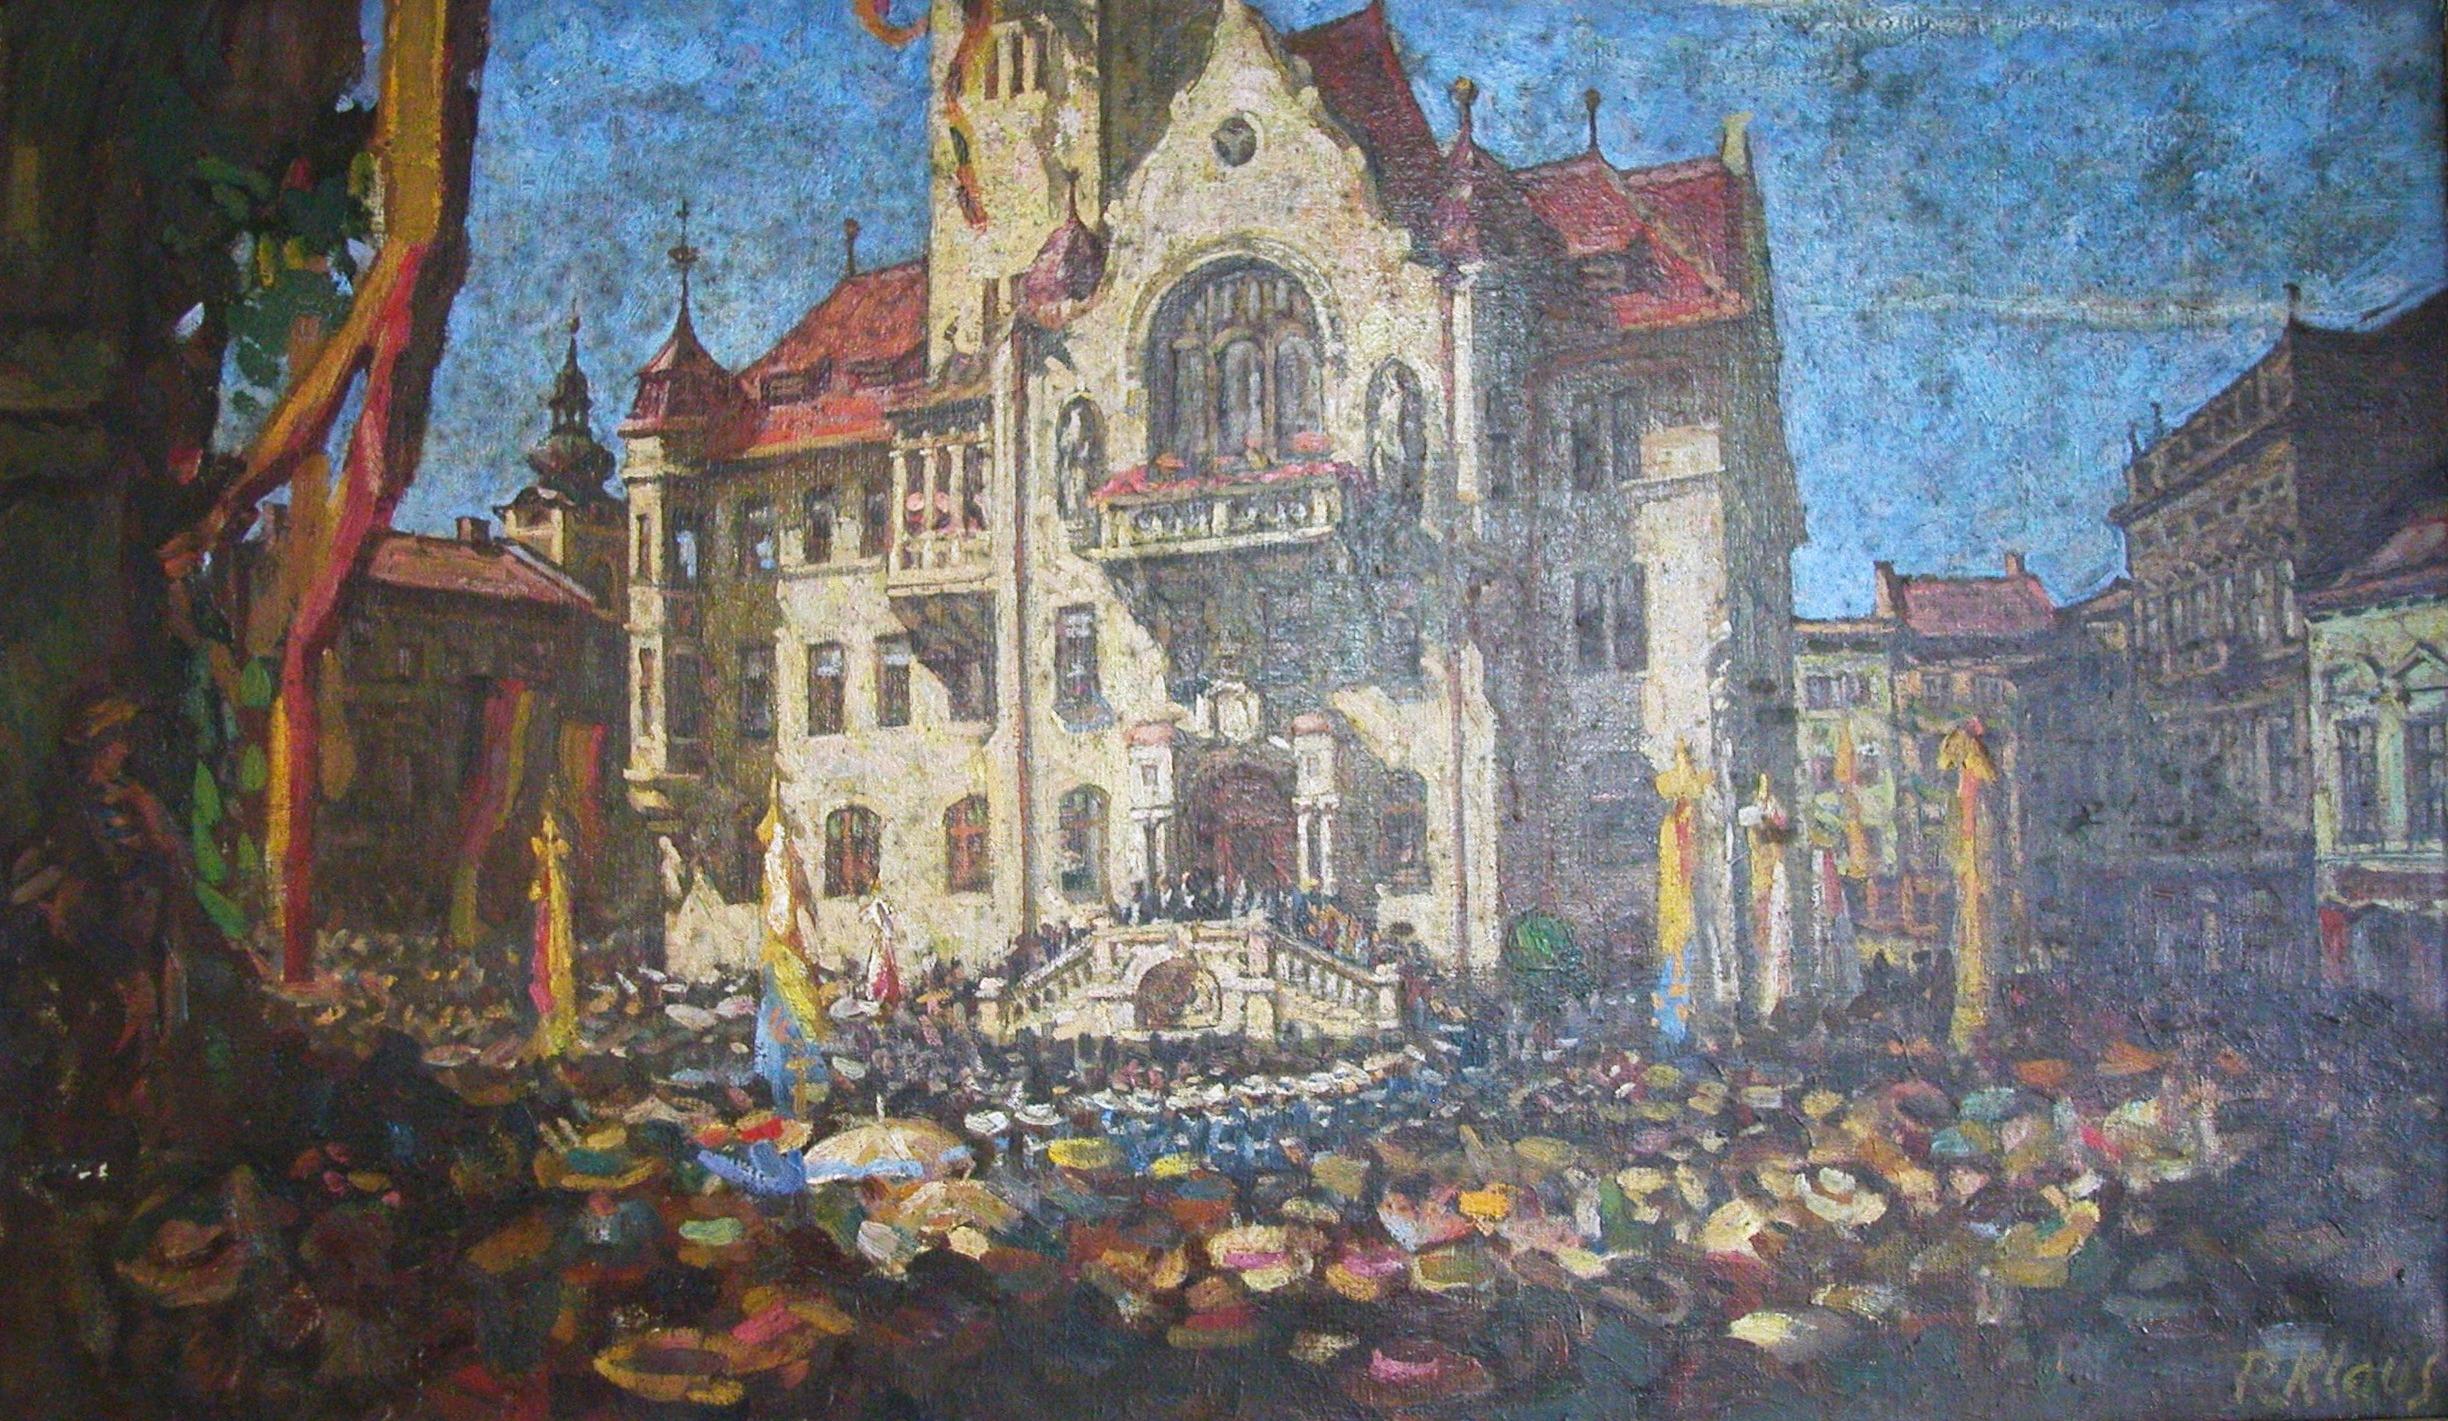 Otevření nové šumperské radnice na obraze R. Klause. Foto: VM Šumperk.